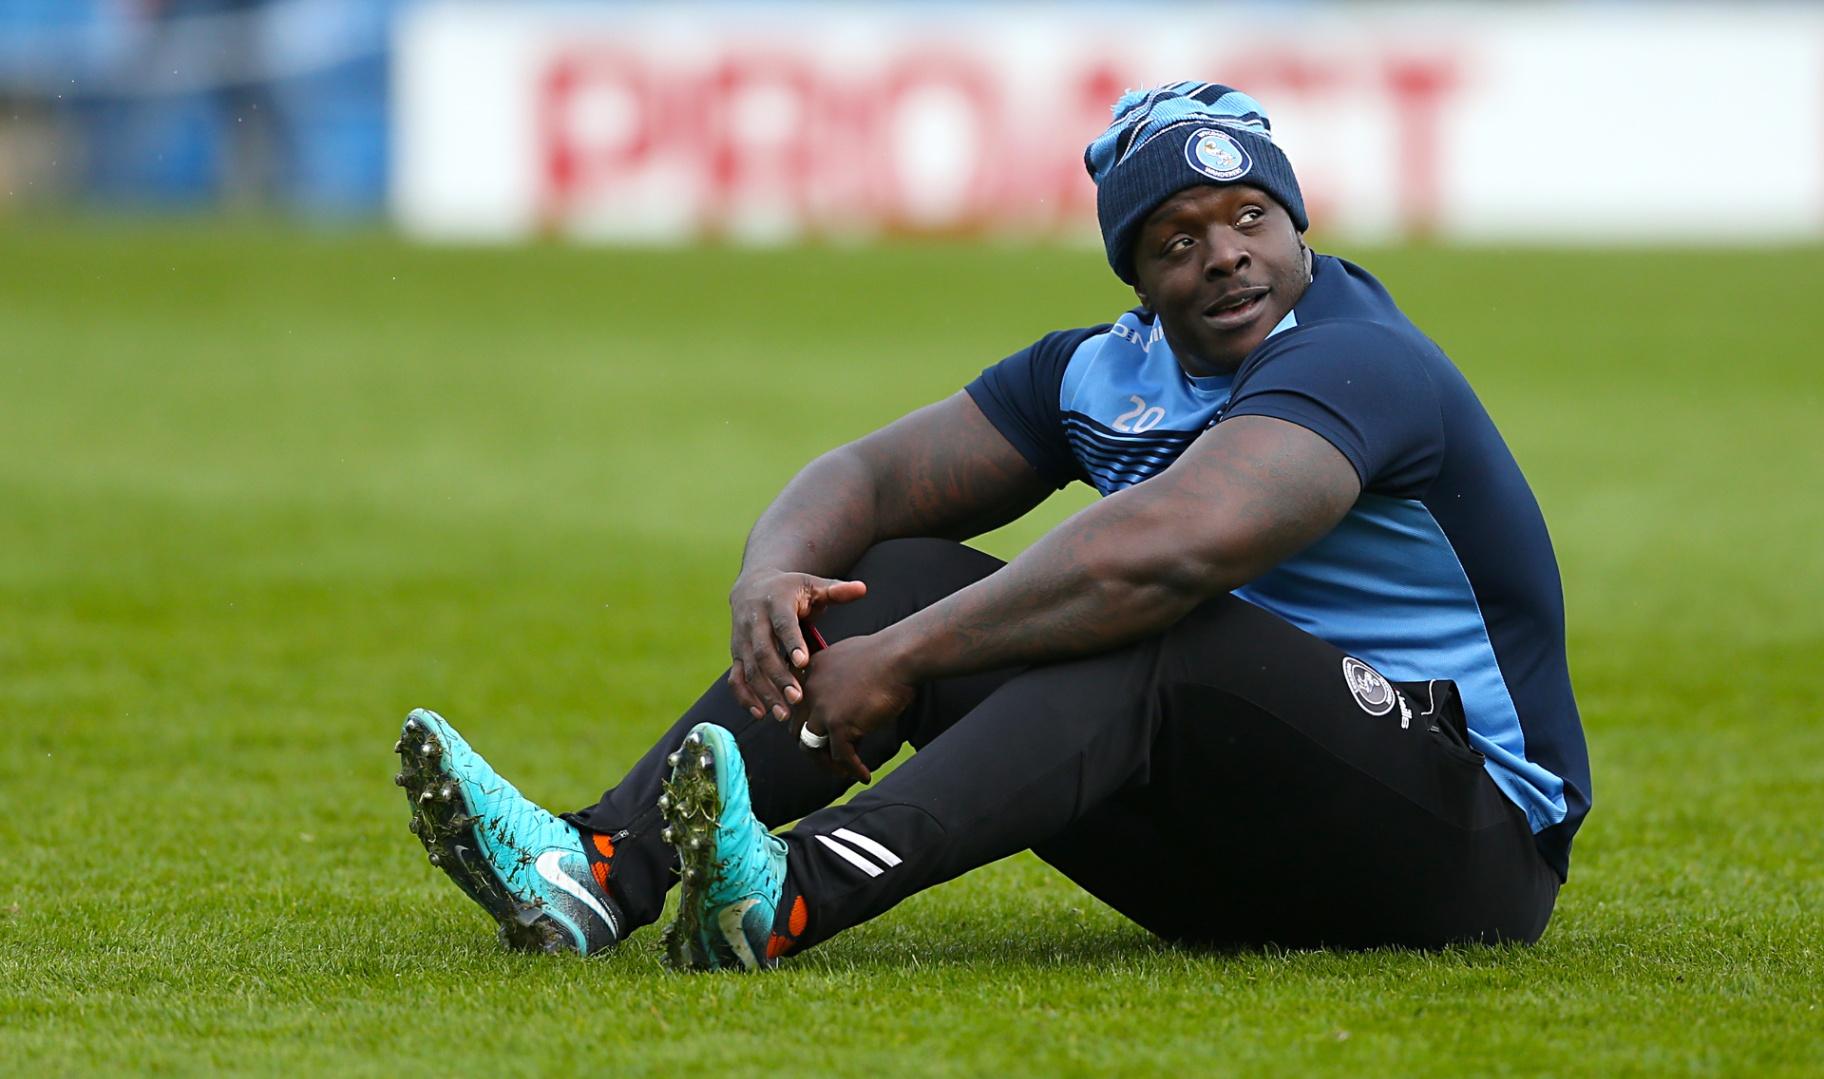 Com fama de marombeiro, Akinfenwa é o jogador de futebol mais forte do mundo